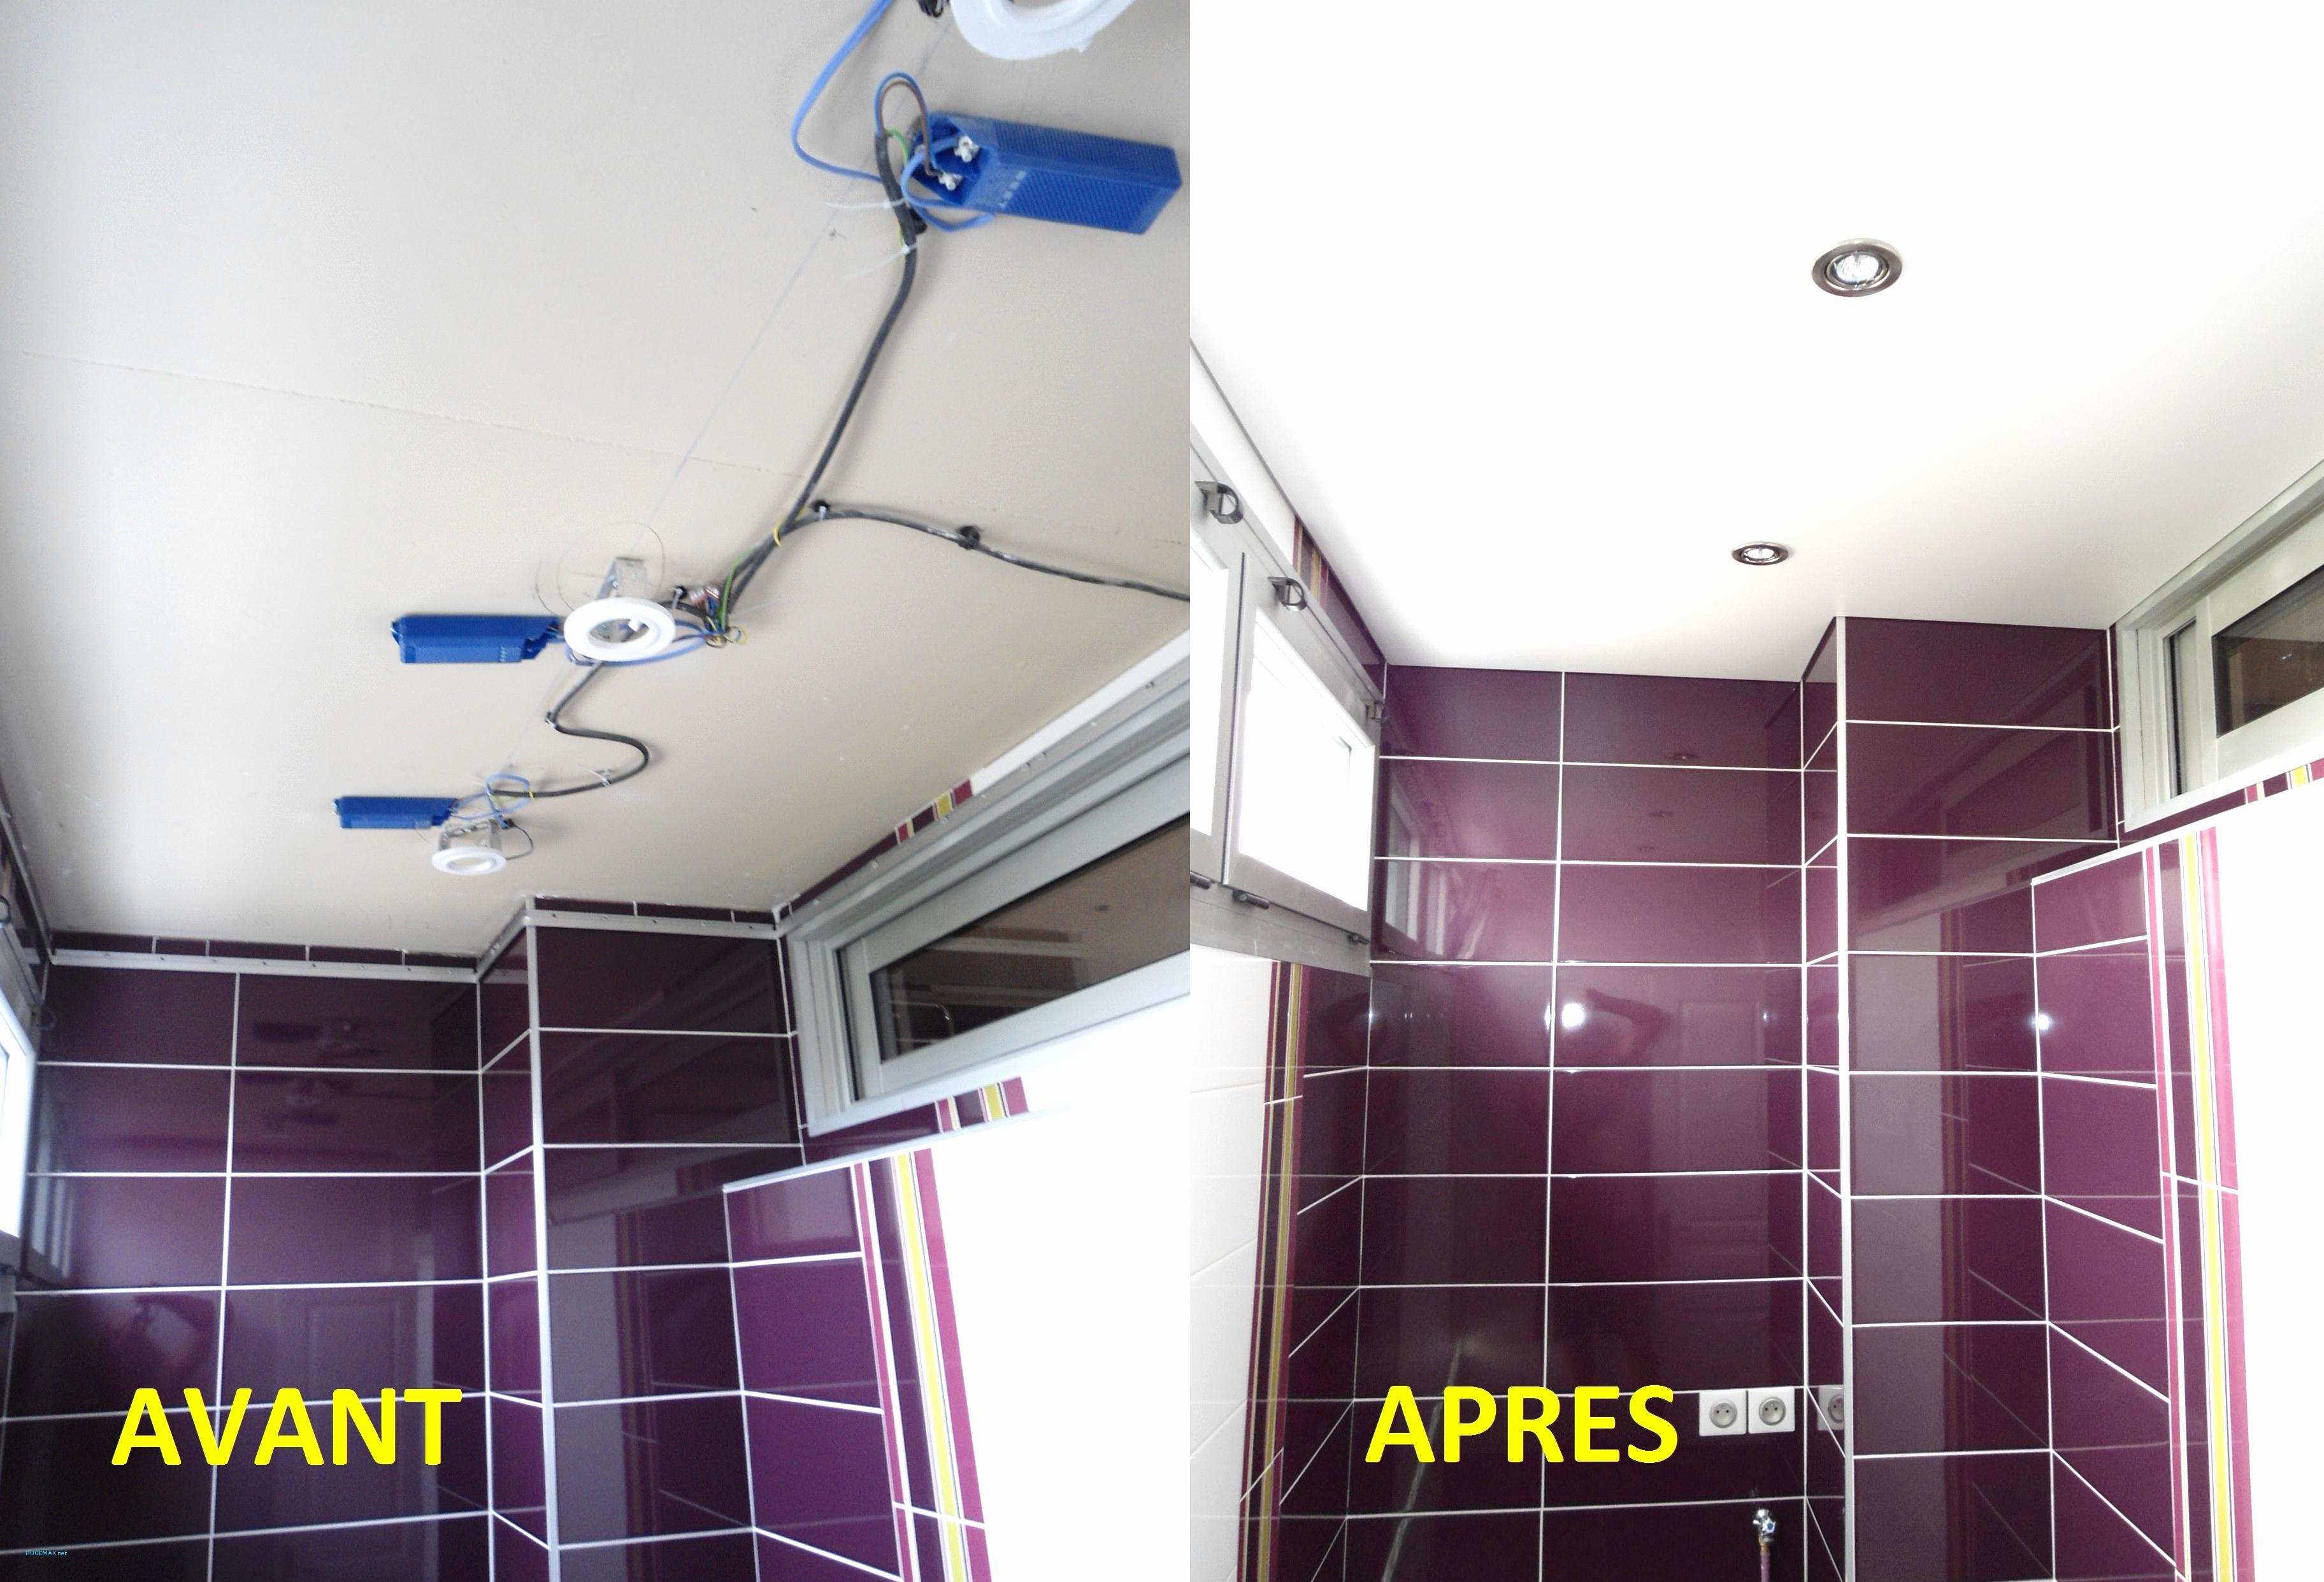 73 Beau Image De Faux Plafond Salle De Bain Pvc Sailkartingcom